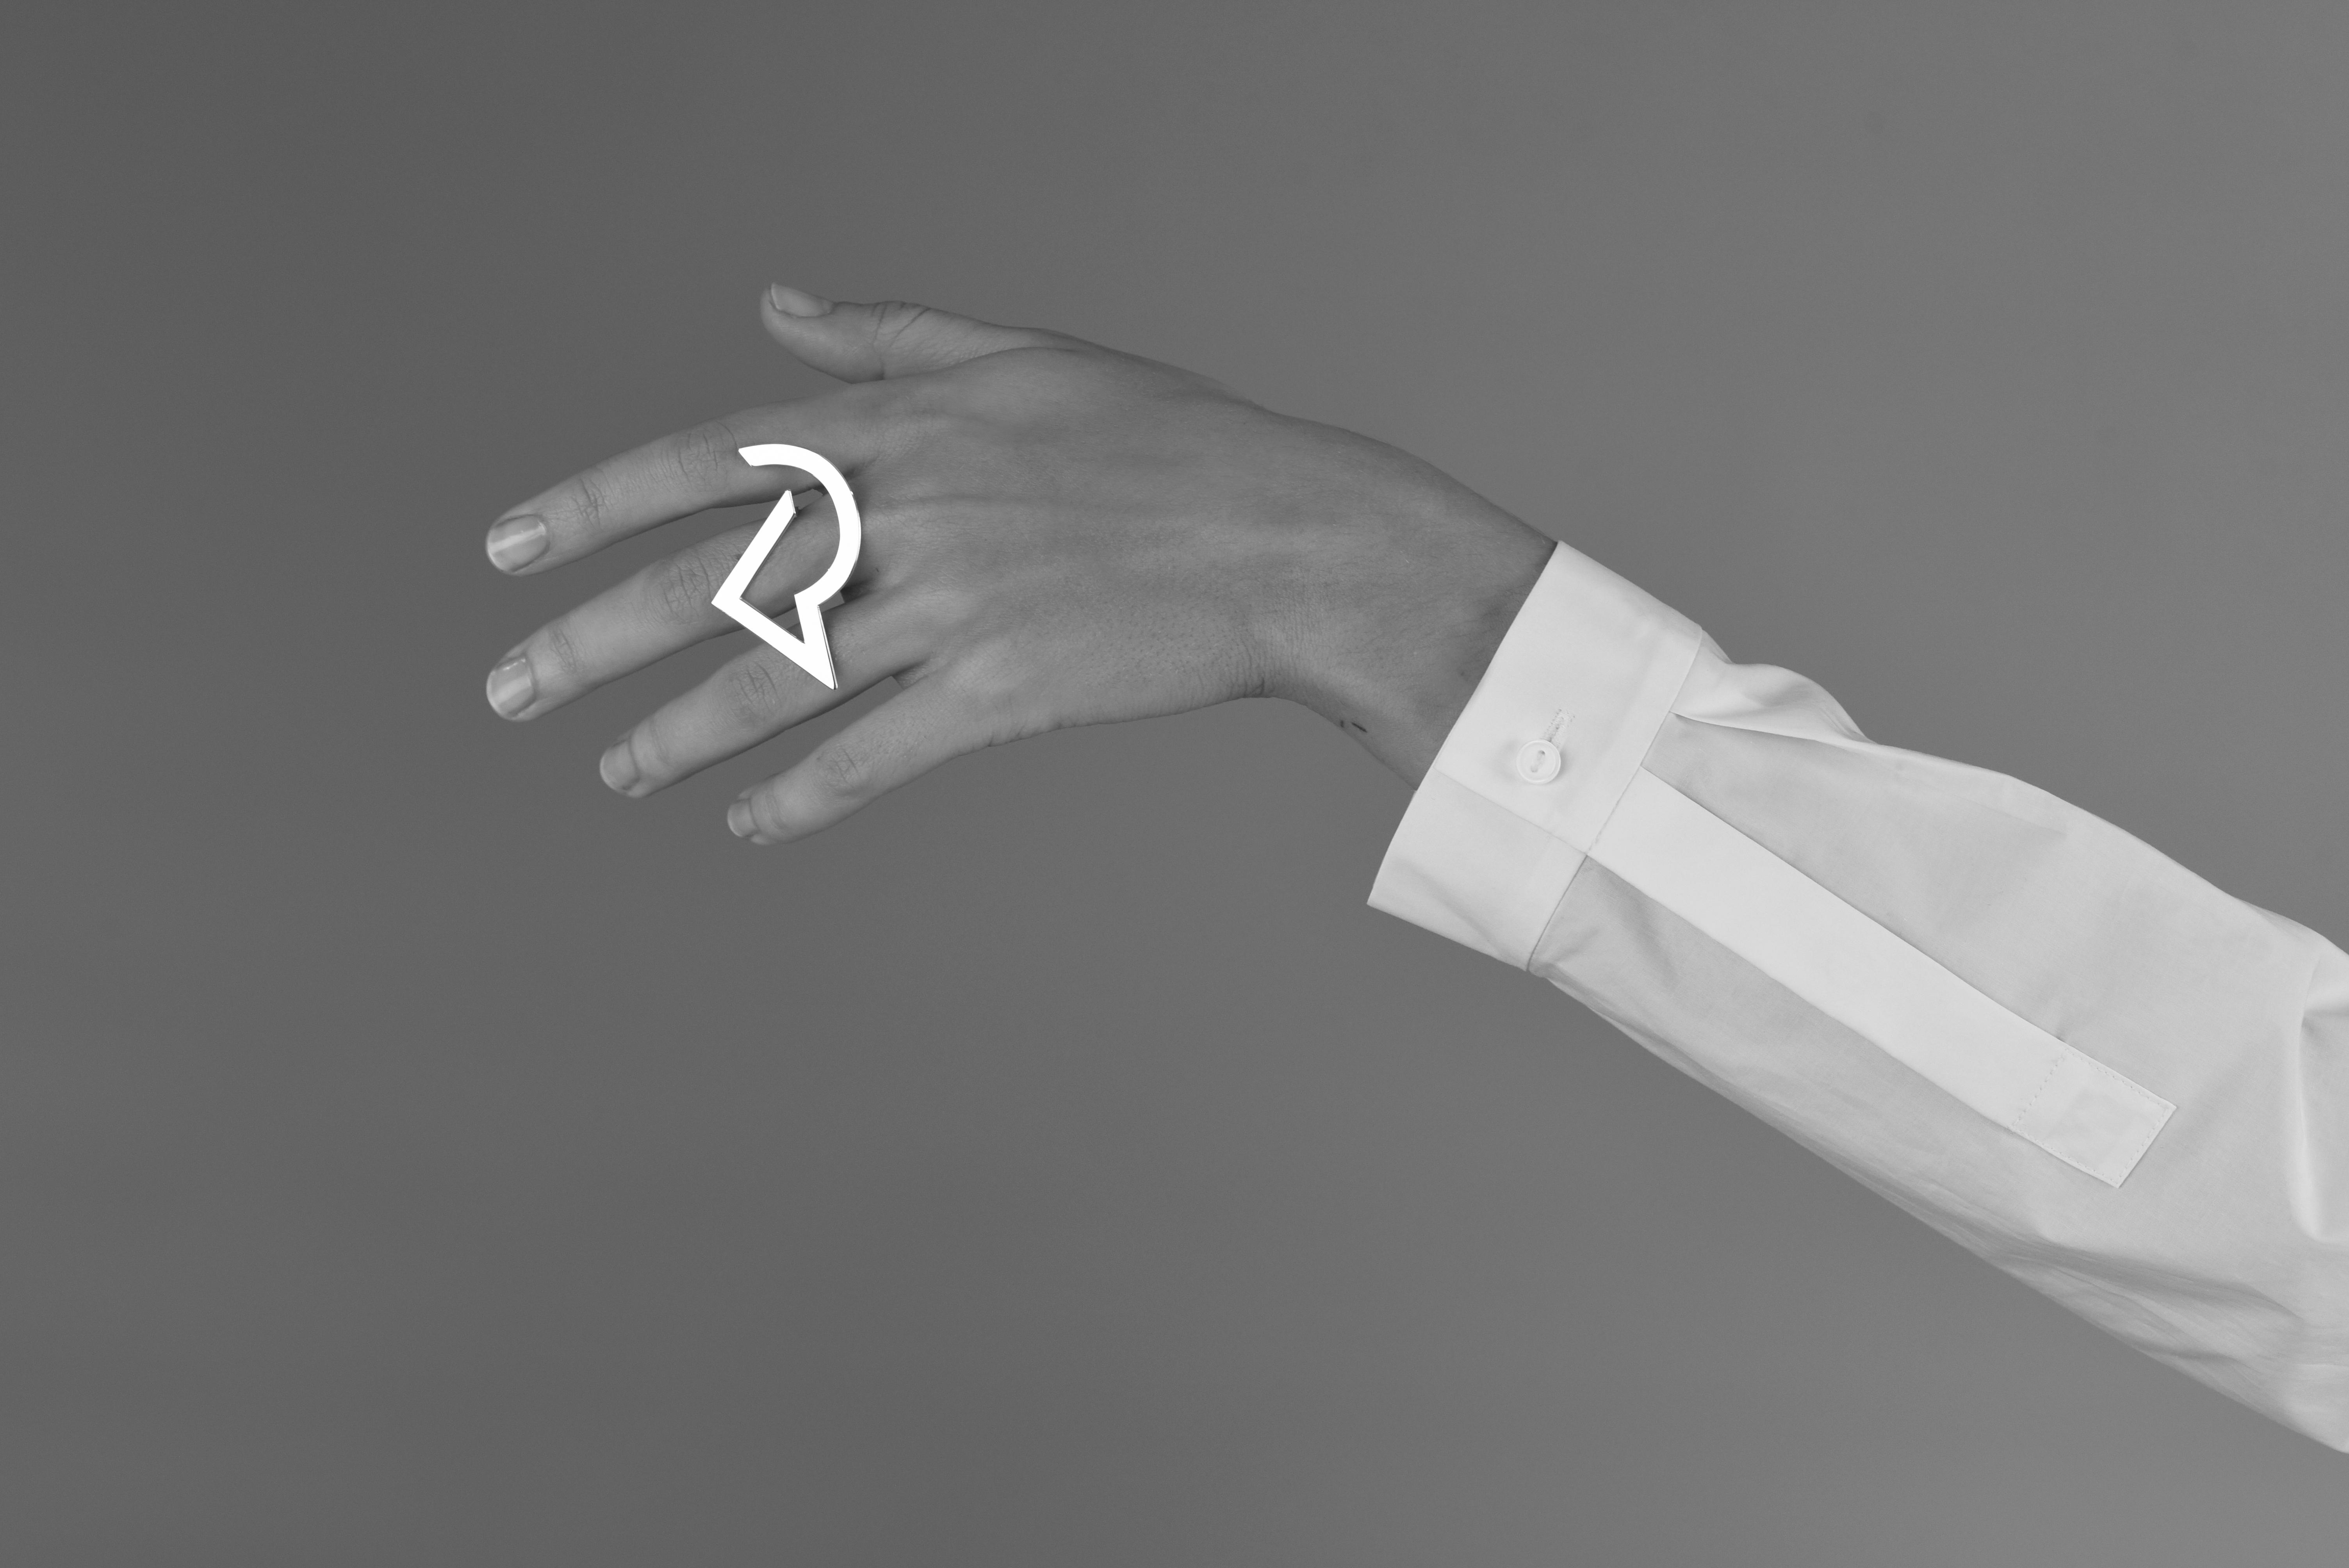 Sara Ingrid Anderssons skapande springer ur ett intresse för abstrakt konst, mode, smyckekonst, psykologi och vårt samhälle. Framförallt är det kroppen som står i fokus och hur vi genom den relaterar till oss själva och varandra. Undersökningen av identitet och relationer människor emellan är ett återkommande ämne. Sara skapar i en vidd av olika material och tekniker i formen installation vilket kan beskrivas som rumslig gestaltning. Under signatur SA SIRA skapar Sara Ingrid Andersson också bärbara silversmycken i en mer traditionell smyckekontext. Utställningen i Binnebergs Tingshus består av två delar, en installation och en presentation av SA SIRAs silversmycken. 2010 tog Sara kandidatexamen i modedesign på Textilhögskolan i Borås och arbetade sedan som kläd- och skodesigner under några år innan hon bestämde sig för att hoppa av det tåget och följa sitt hjärta ännu en gång. Sedan hösten 2013 studerar Sara smyckekonst på Högskolan för Design och Konsthantverk i Göteborg, i maj 2016 tar hon sin masterexamen.